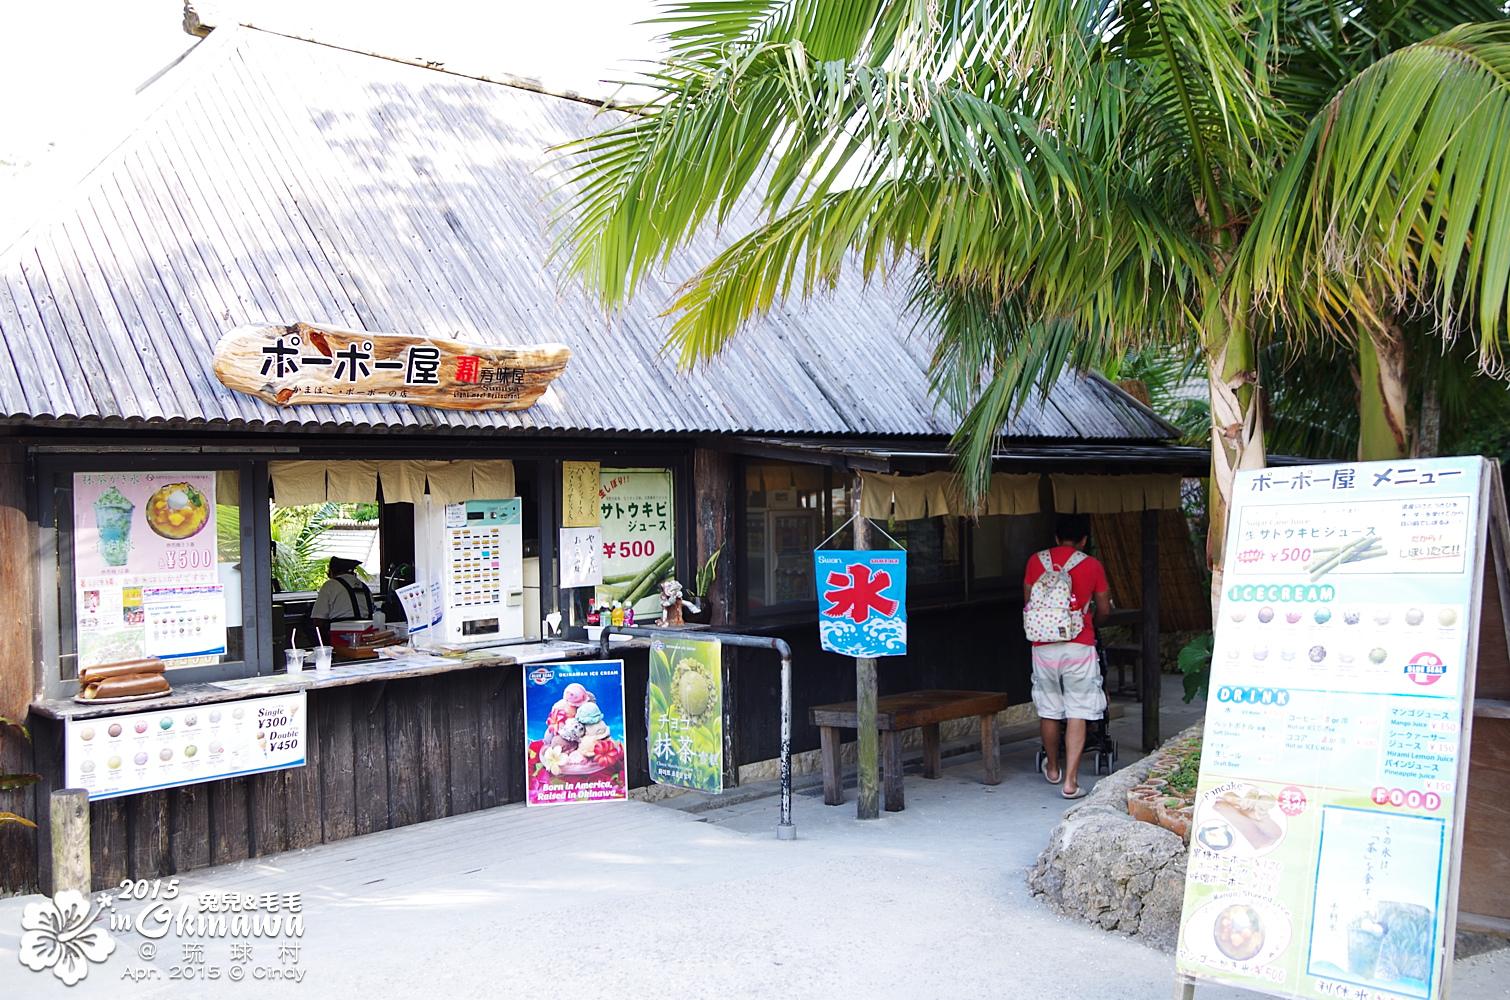 2015-0407-琉球村-30.jpg